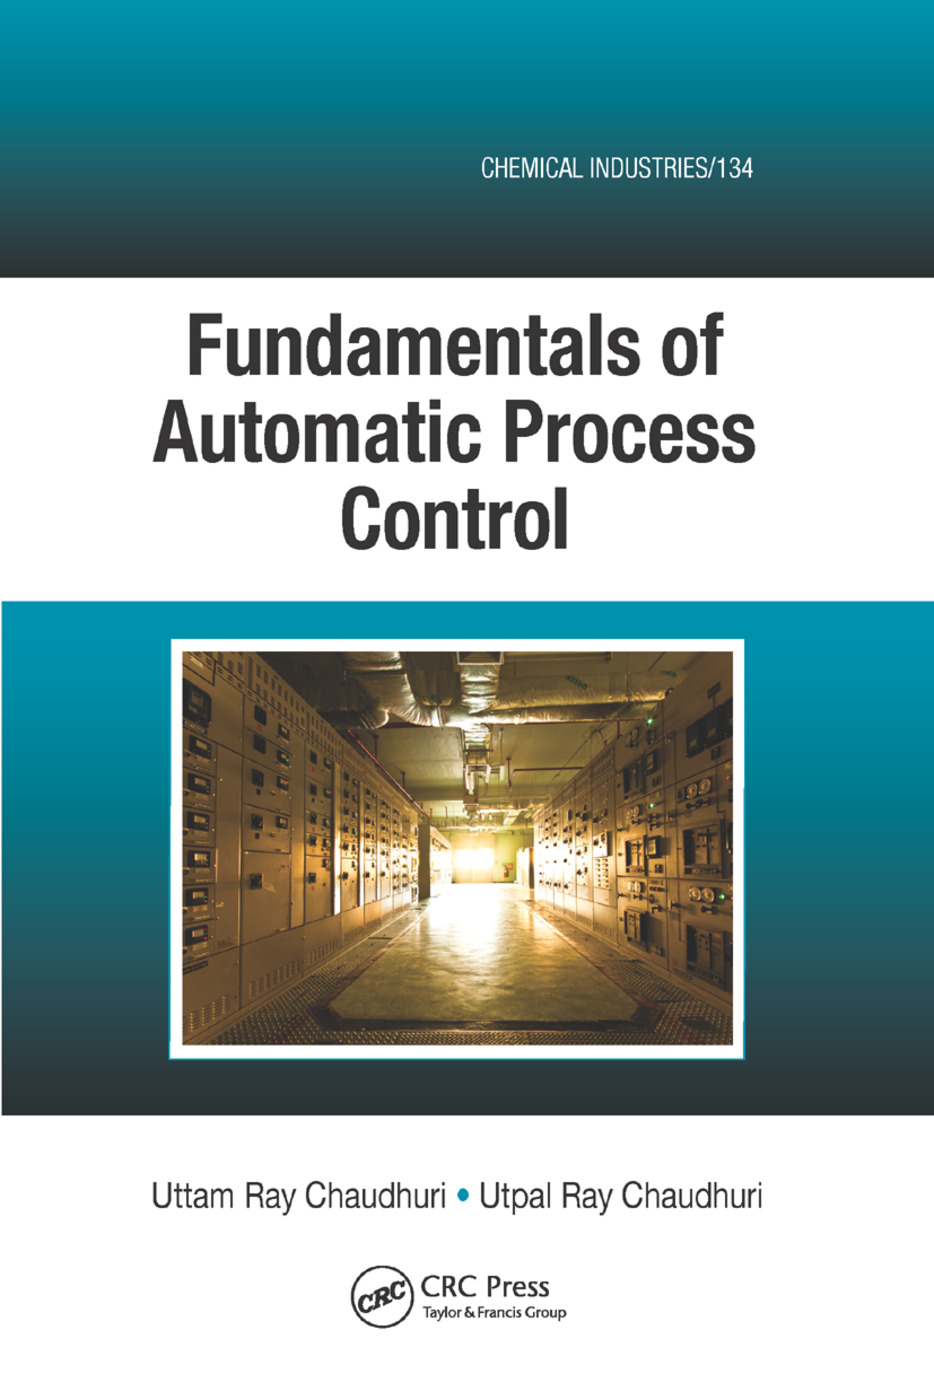 Fundamentals of Automatic Process Control